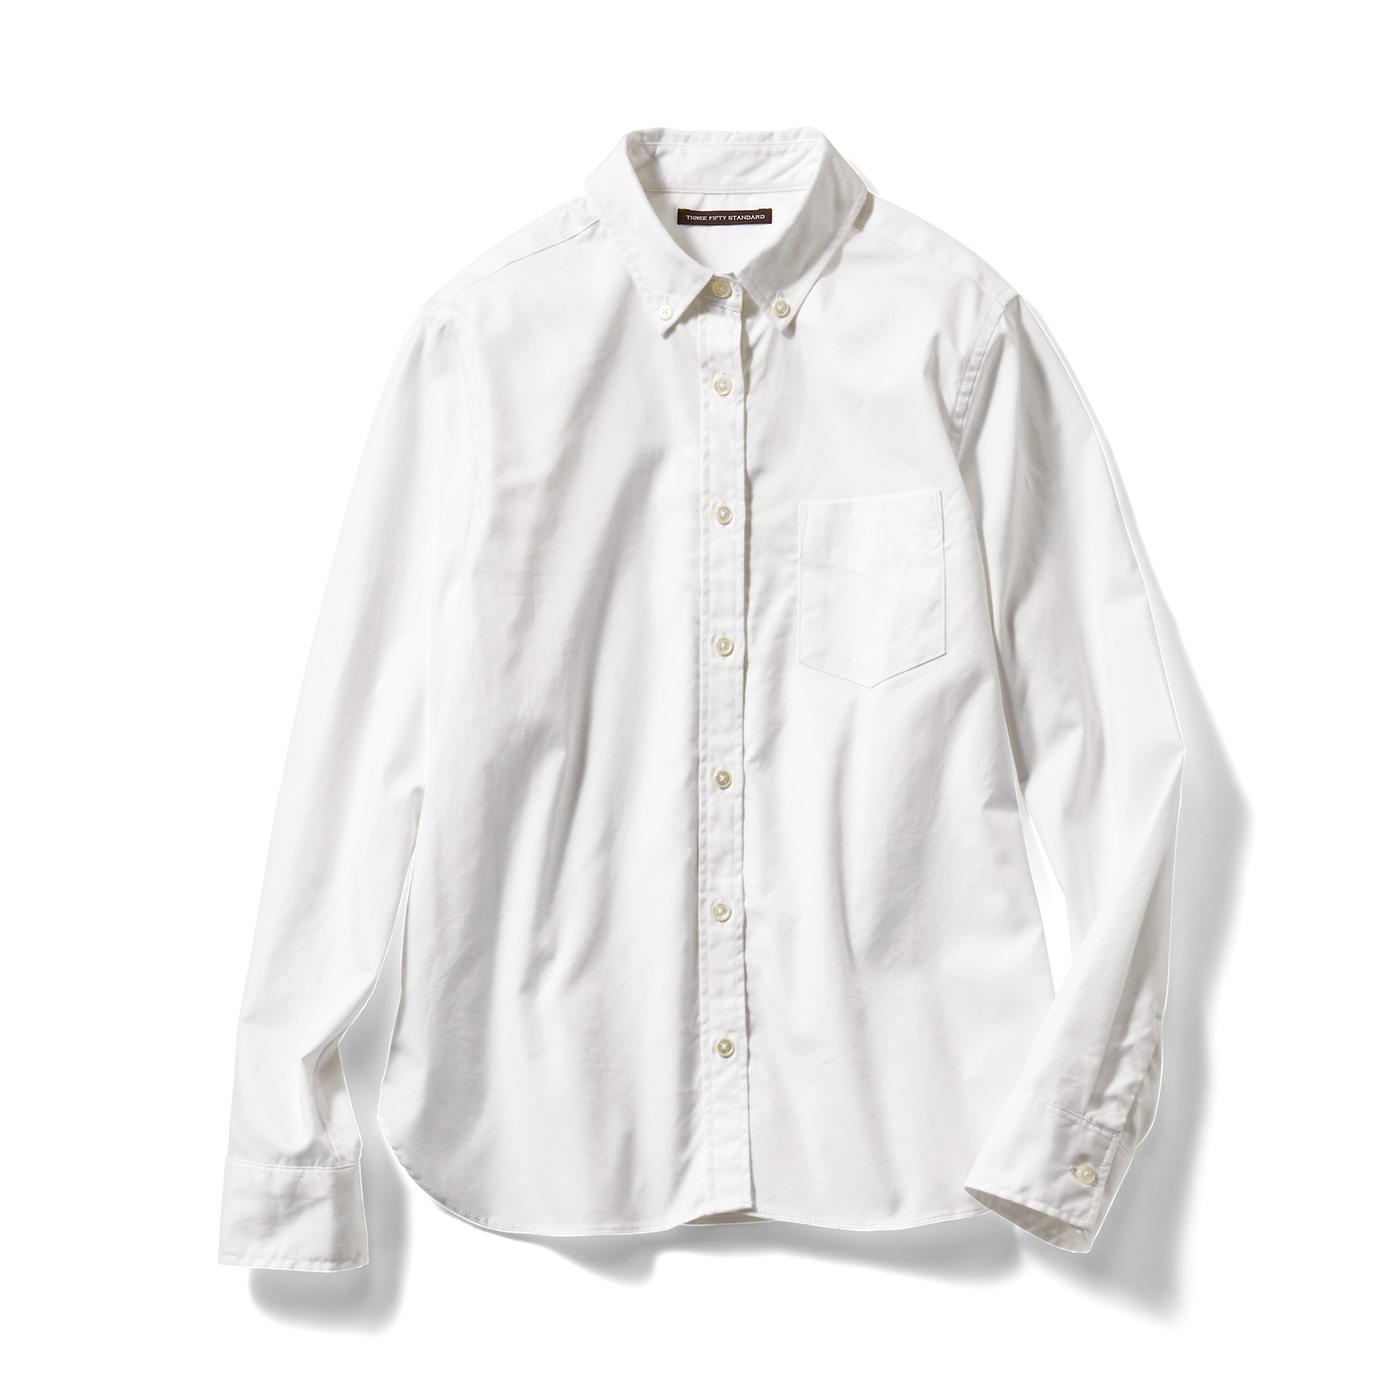 フェリシモ THREE FIFTY STANDARD 定番ボタンダウンシャツ〈ホワイト〉